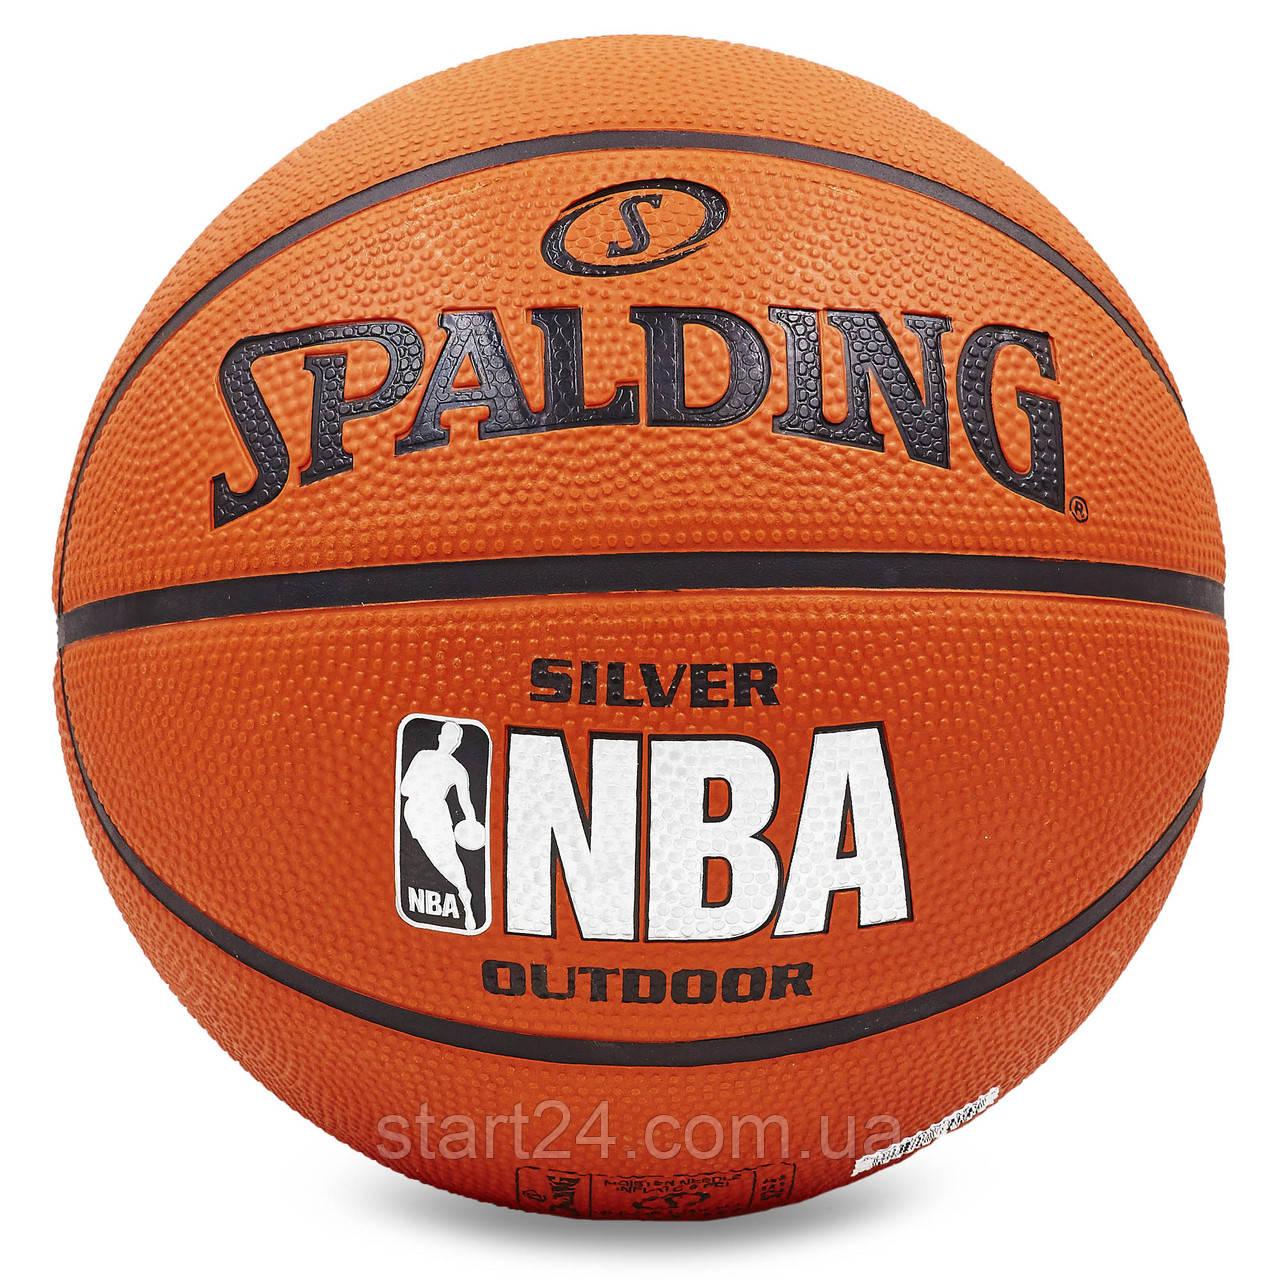 М'яч баскетбольний гумовий №5 SPALDING 83014Z 2014 NBA SILVER Outdoor (гума, бутил, оранжевий)